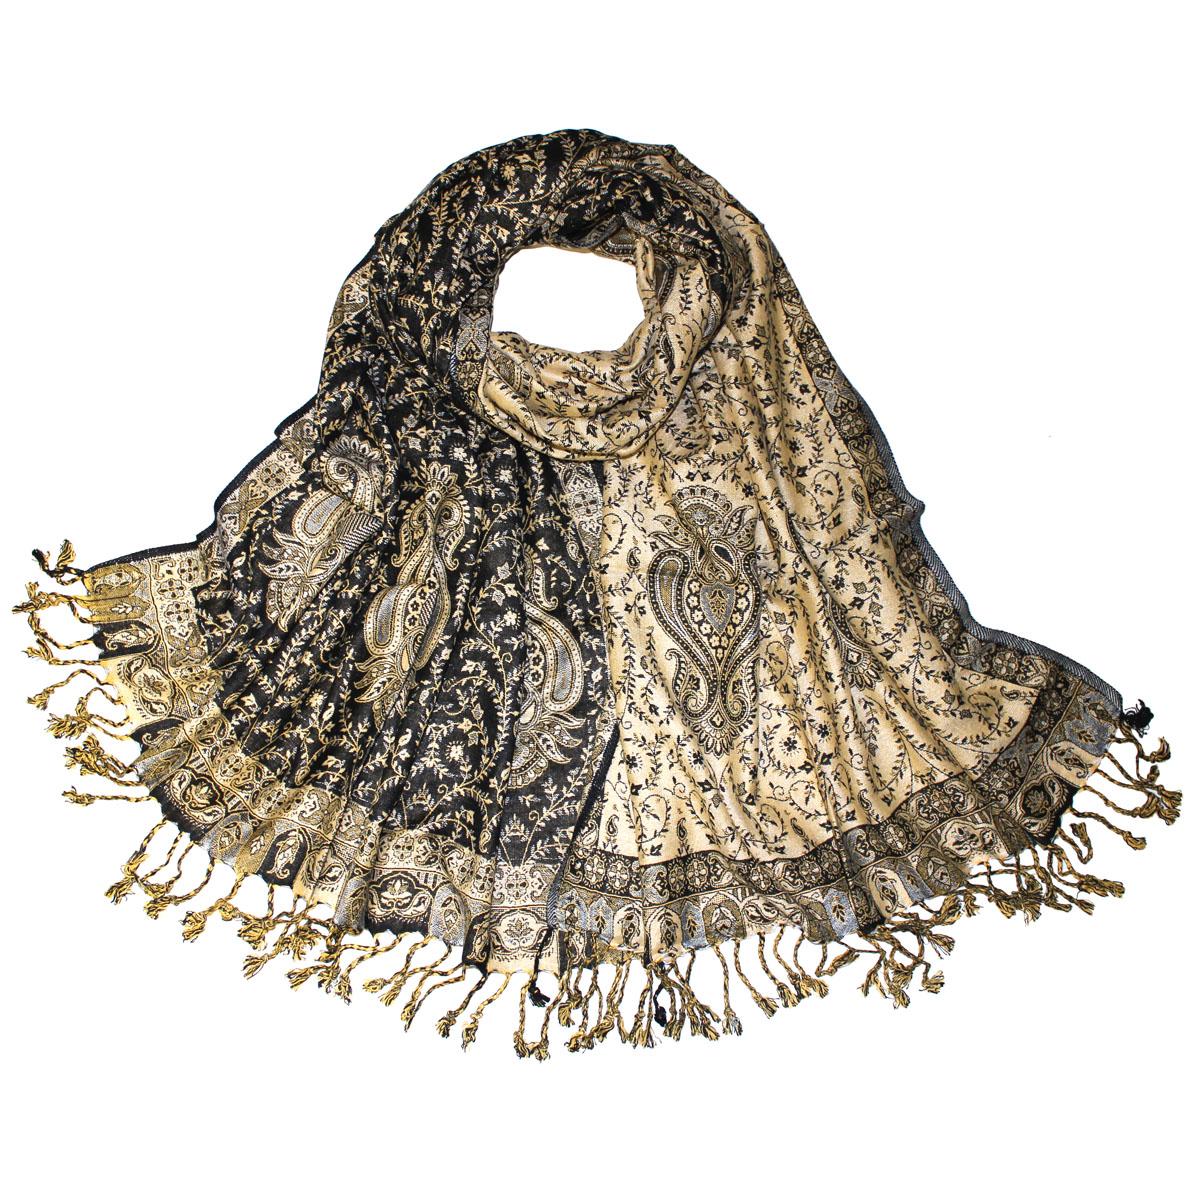 Шаль Ethnica, цвет: бежевый, черный, 71 см х 183 см. 112220н112220нЭлегантная шаль из вискозы создана подчеркивать роскошную неоднозначность вашего образа. Шаль оформлена растительным орнаментом и по краям декорирована кистями.Этот модный аксессуар женского гардероба гармонично дополнит образ современной женщины, следящей за своим имиджем и стремящейся всегда оставаться стильной и элегантной. В такой шали вы всегда будете выглядеть женственной и привлекательной.